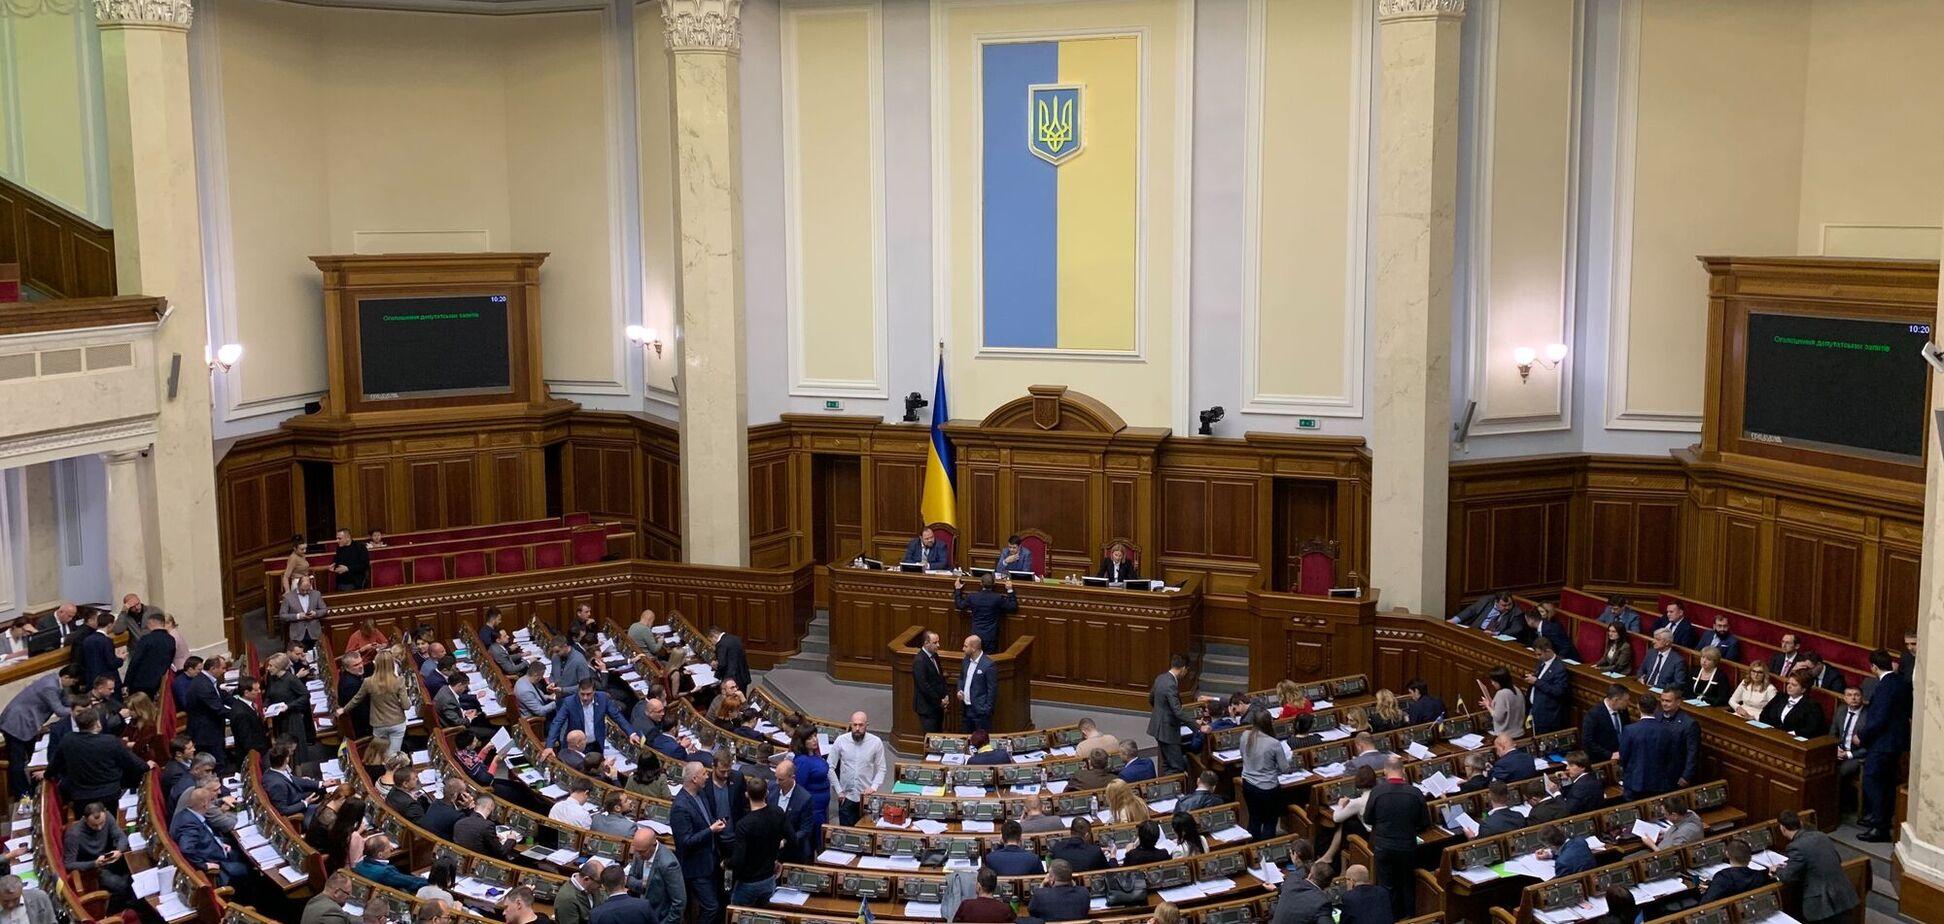 Рада объявила о двух внеочередных заседаниях в один день: опубликована повестка